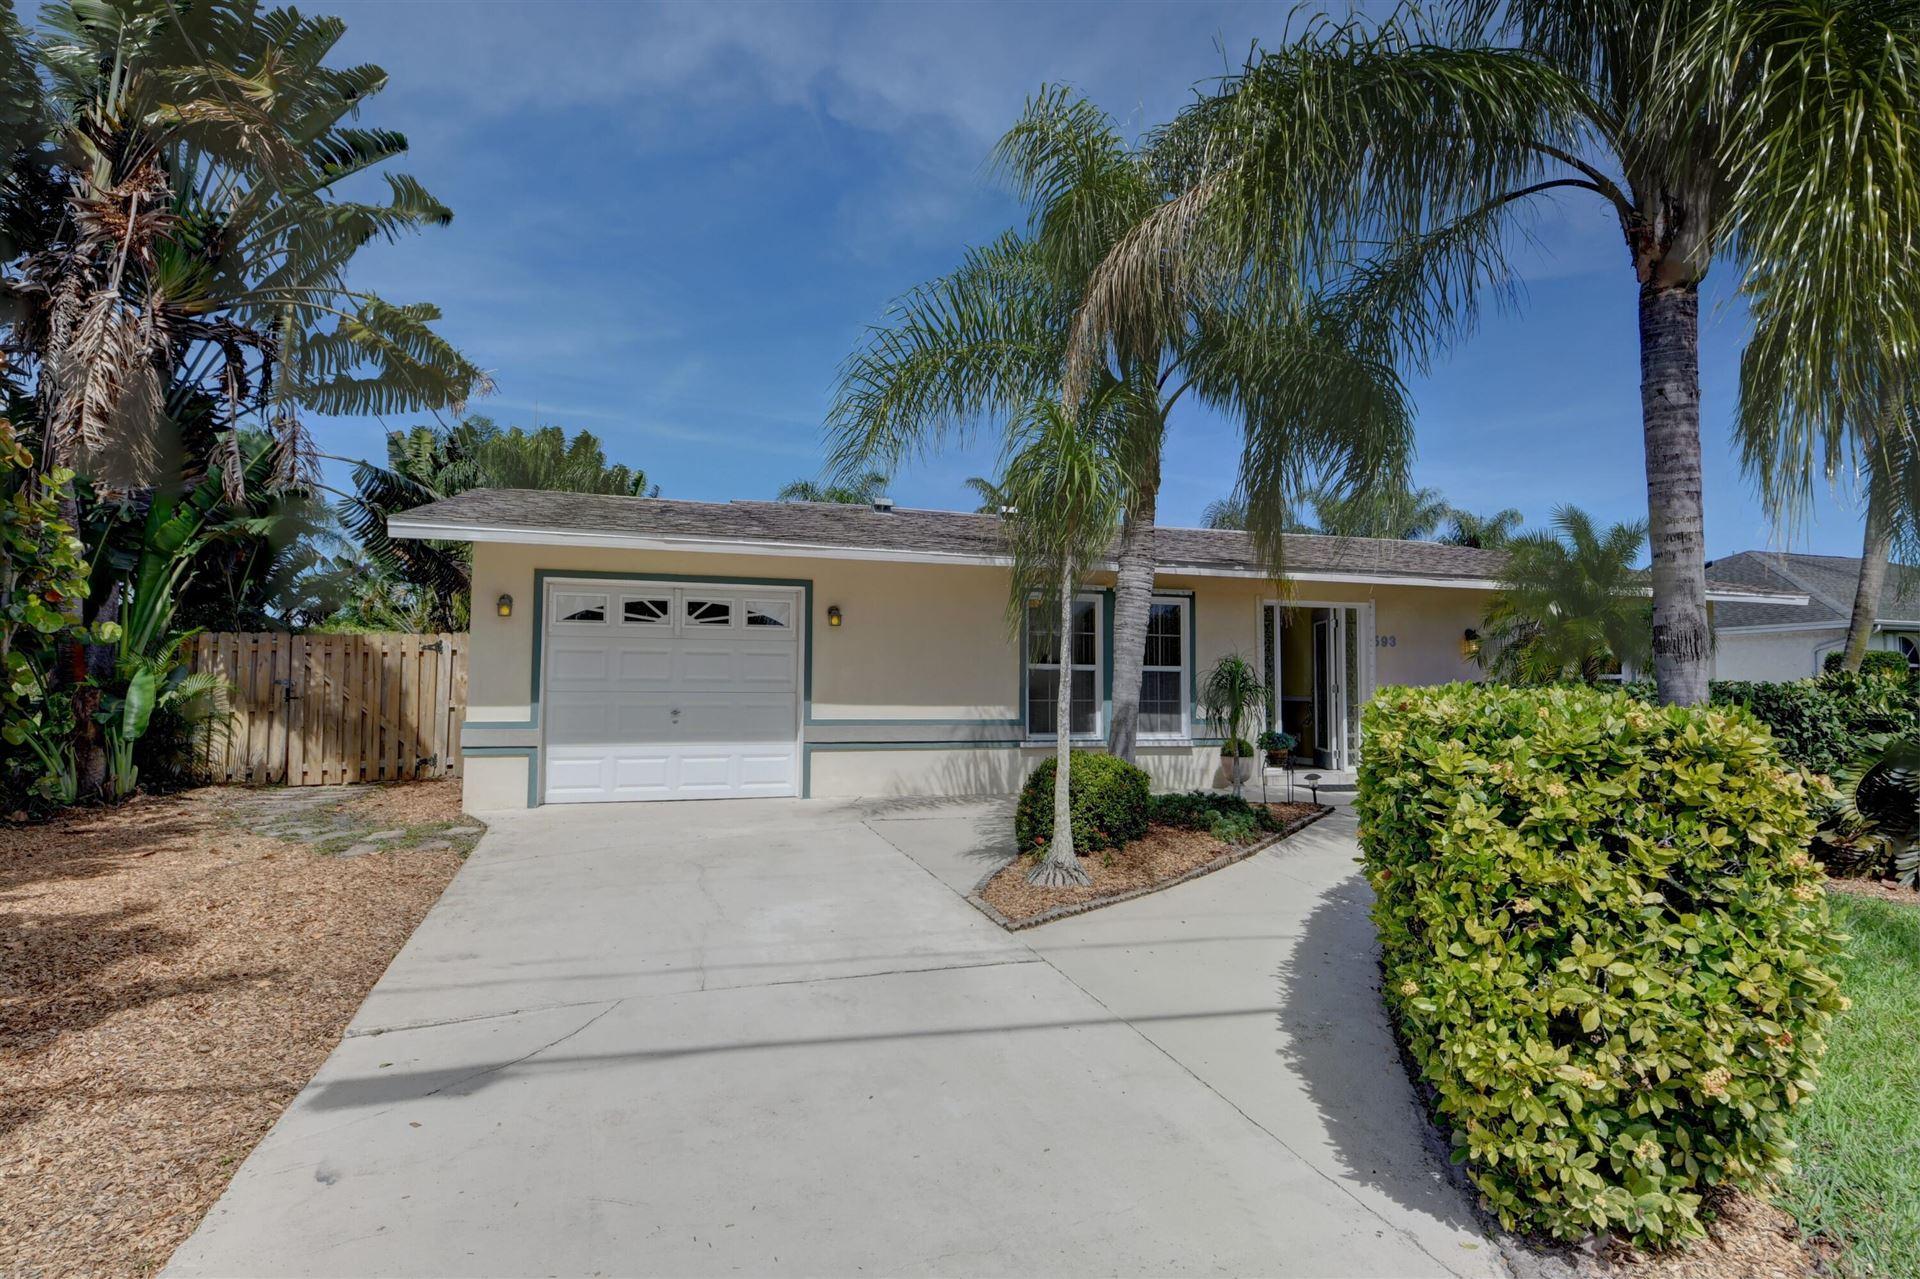 593 SE Whitmore Drive, Port Saint Lucie, FL 34984 - #: RX-10697844